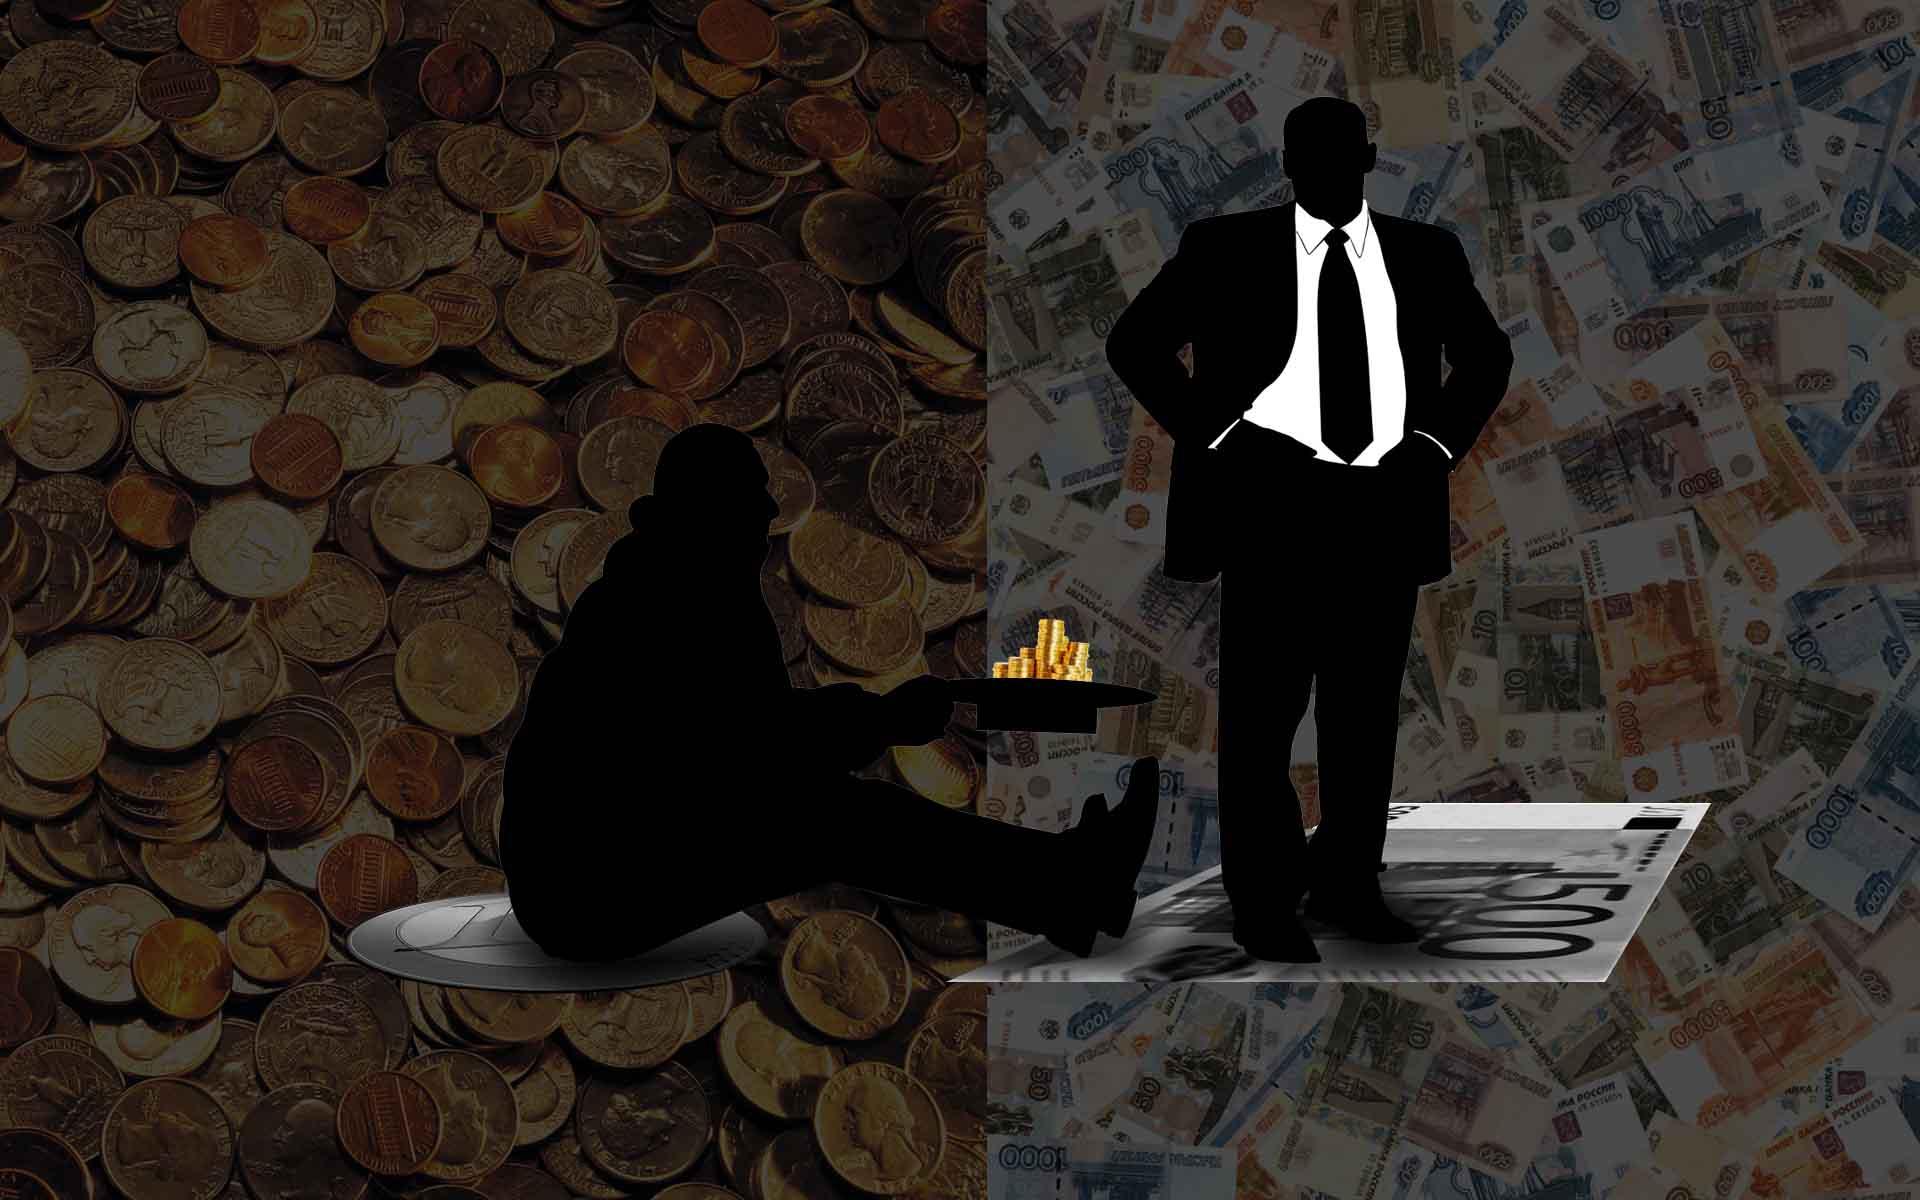 картинка психология бедности кнопки